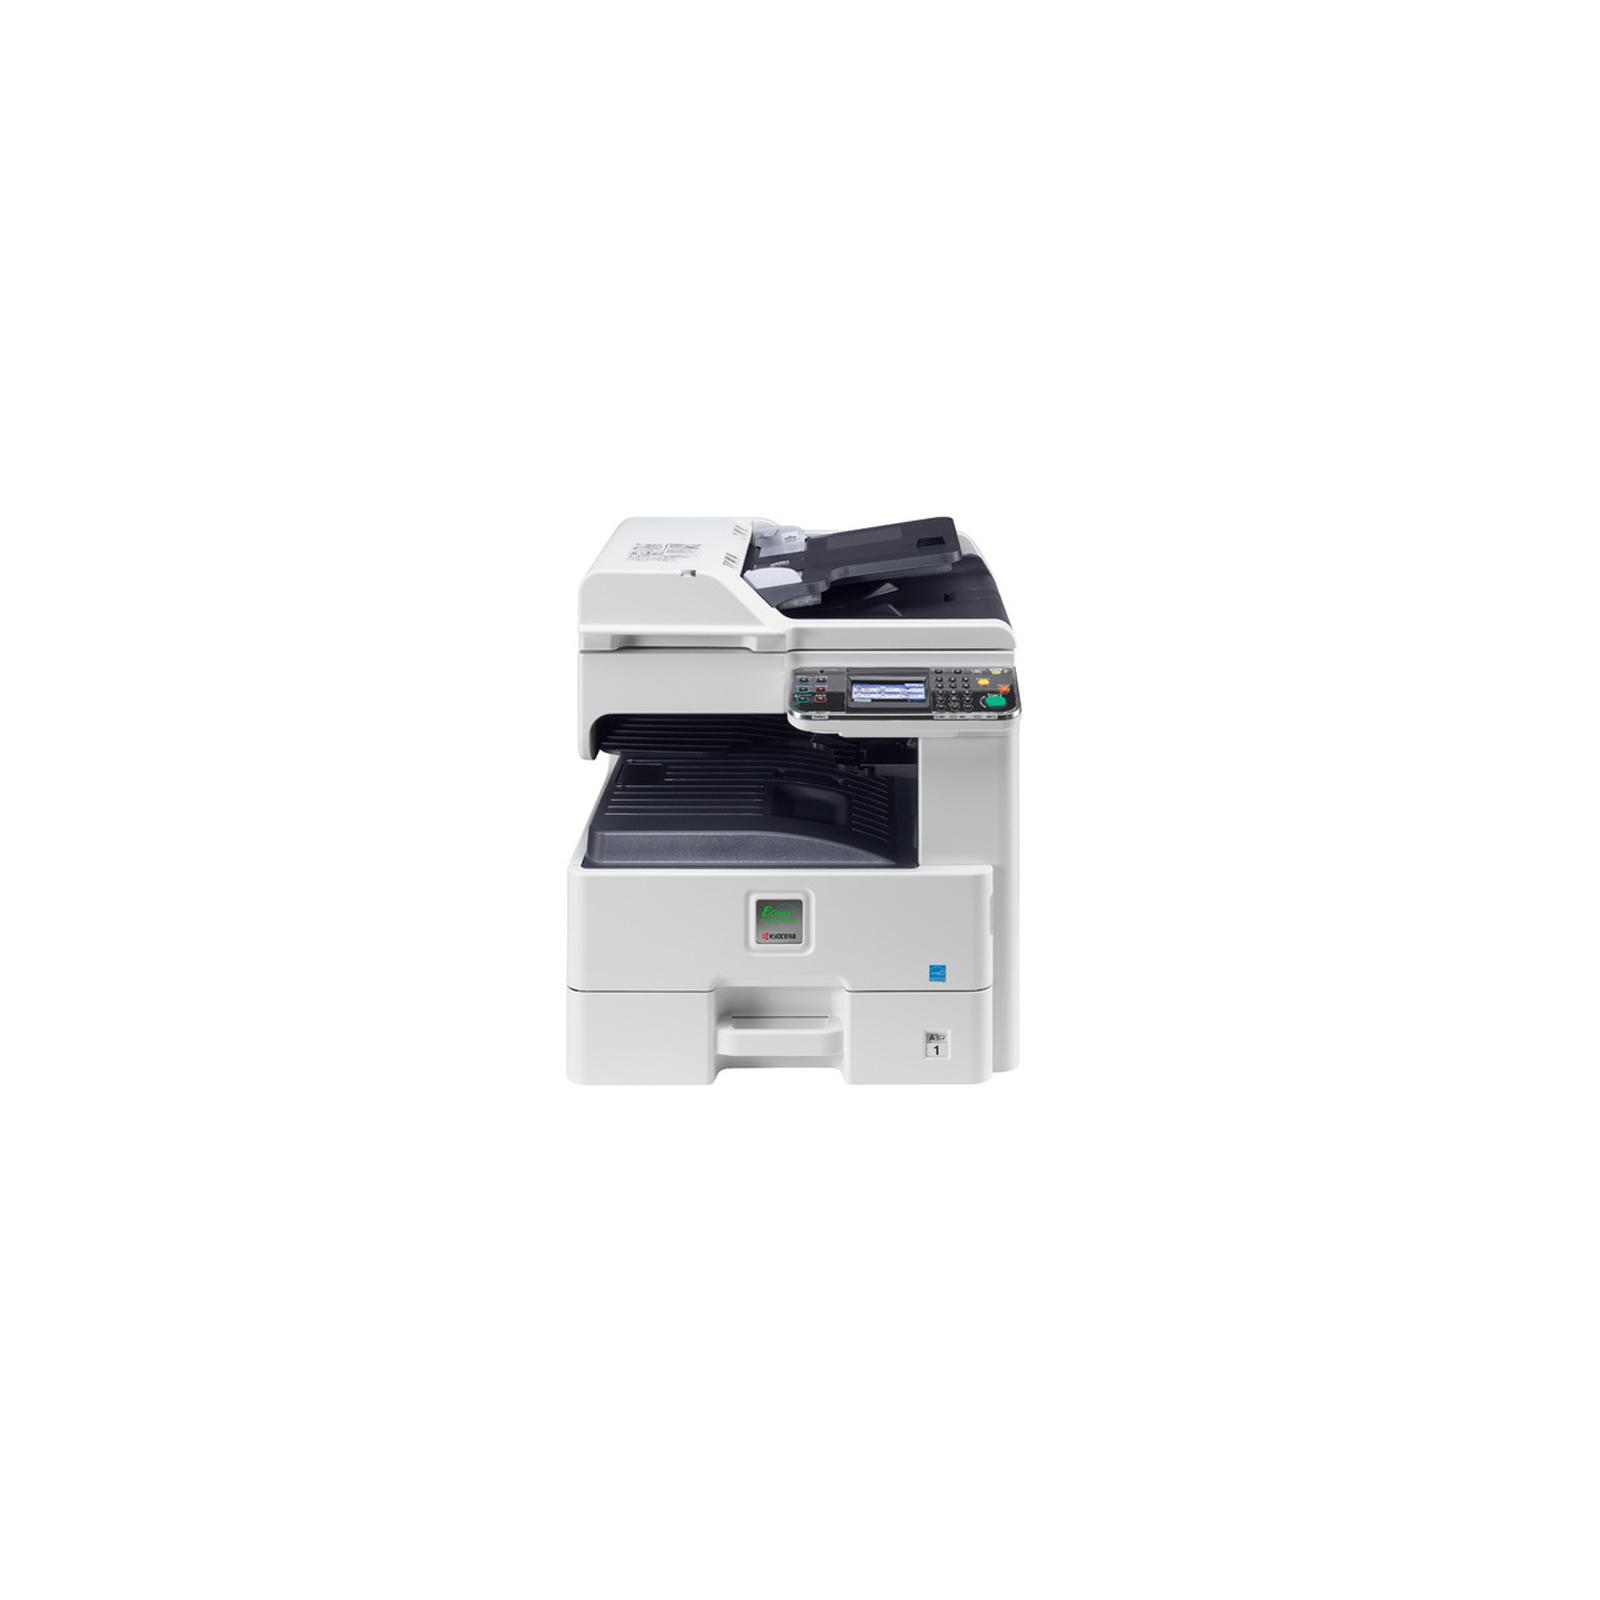 Многофункциональное устройство Kyocera FS-6525 MFP (1102MX3NL2) изображение 2